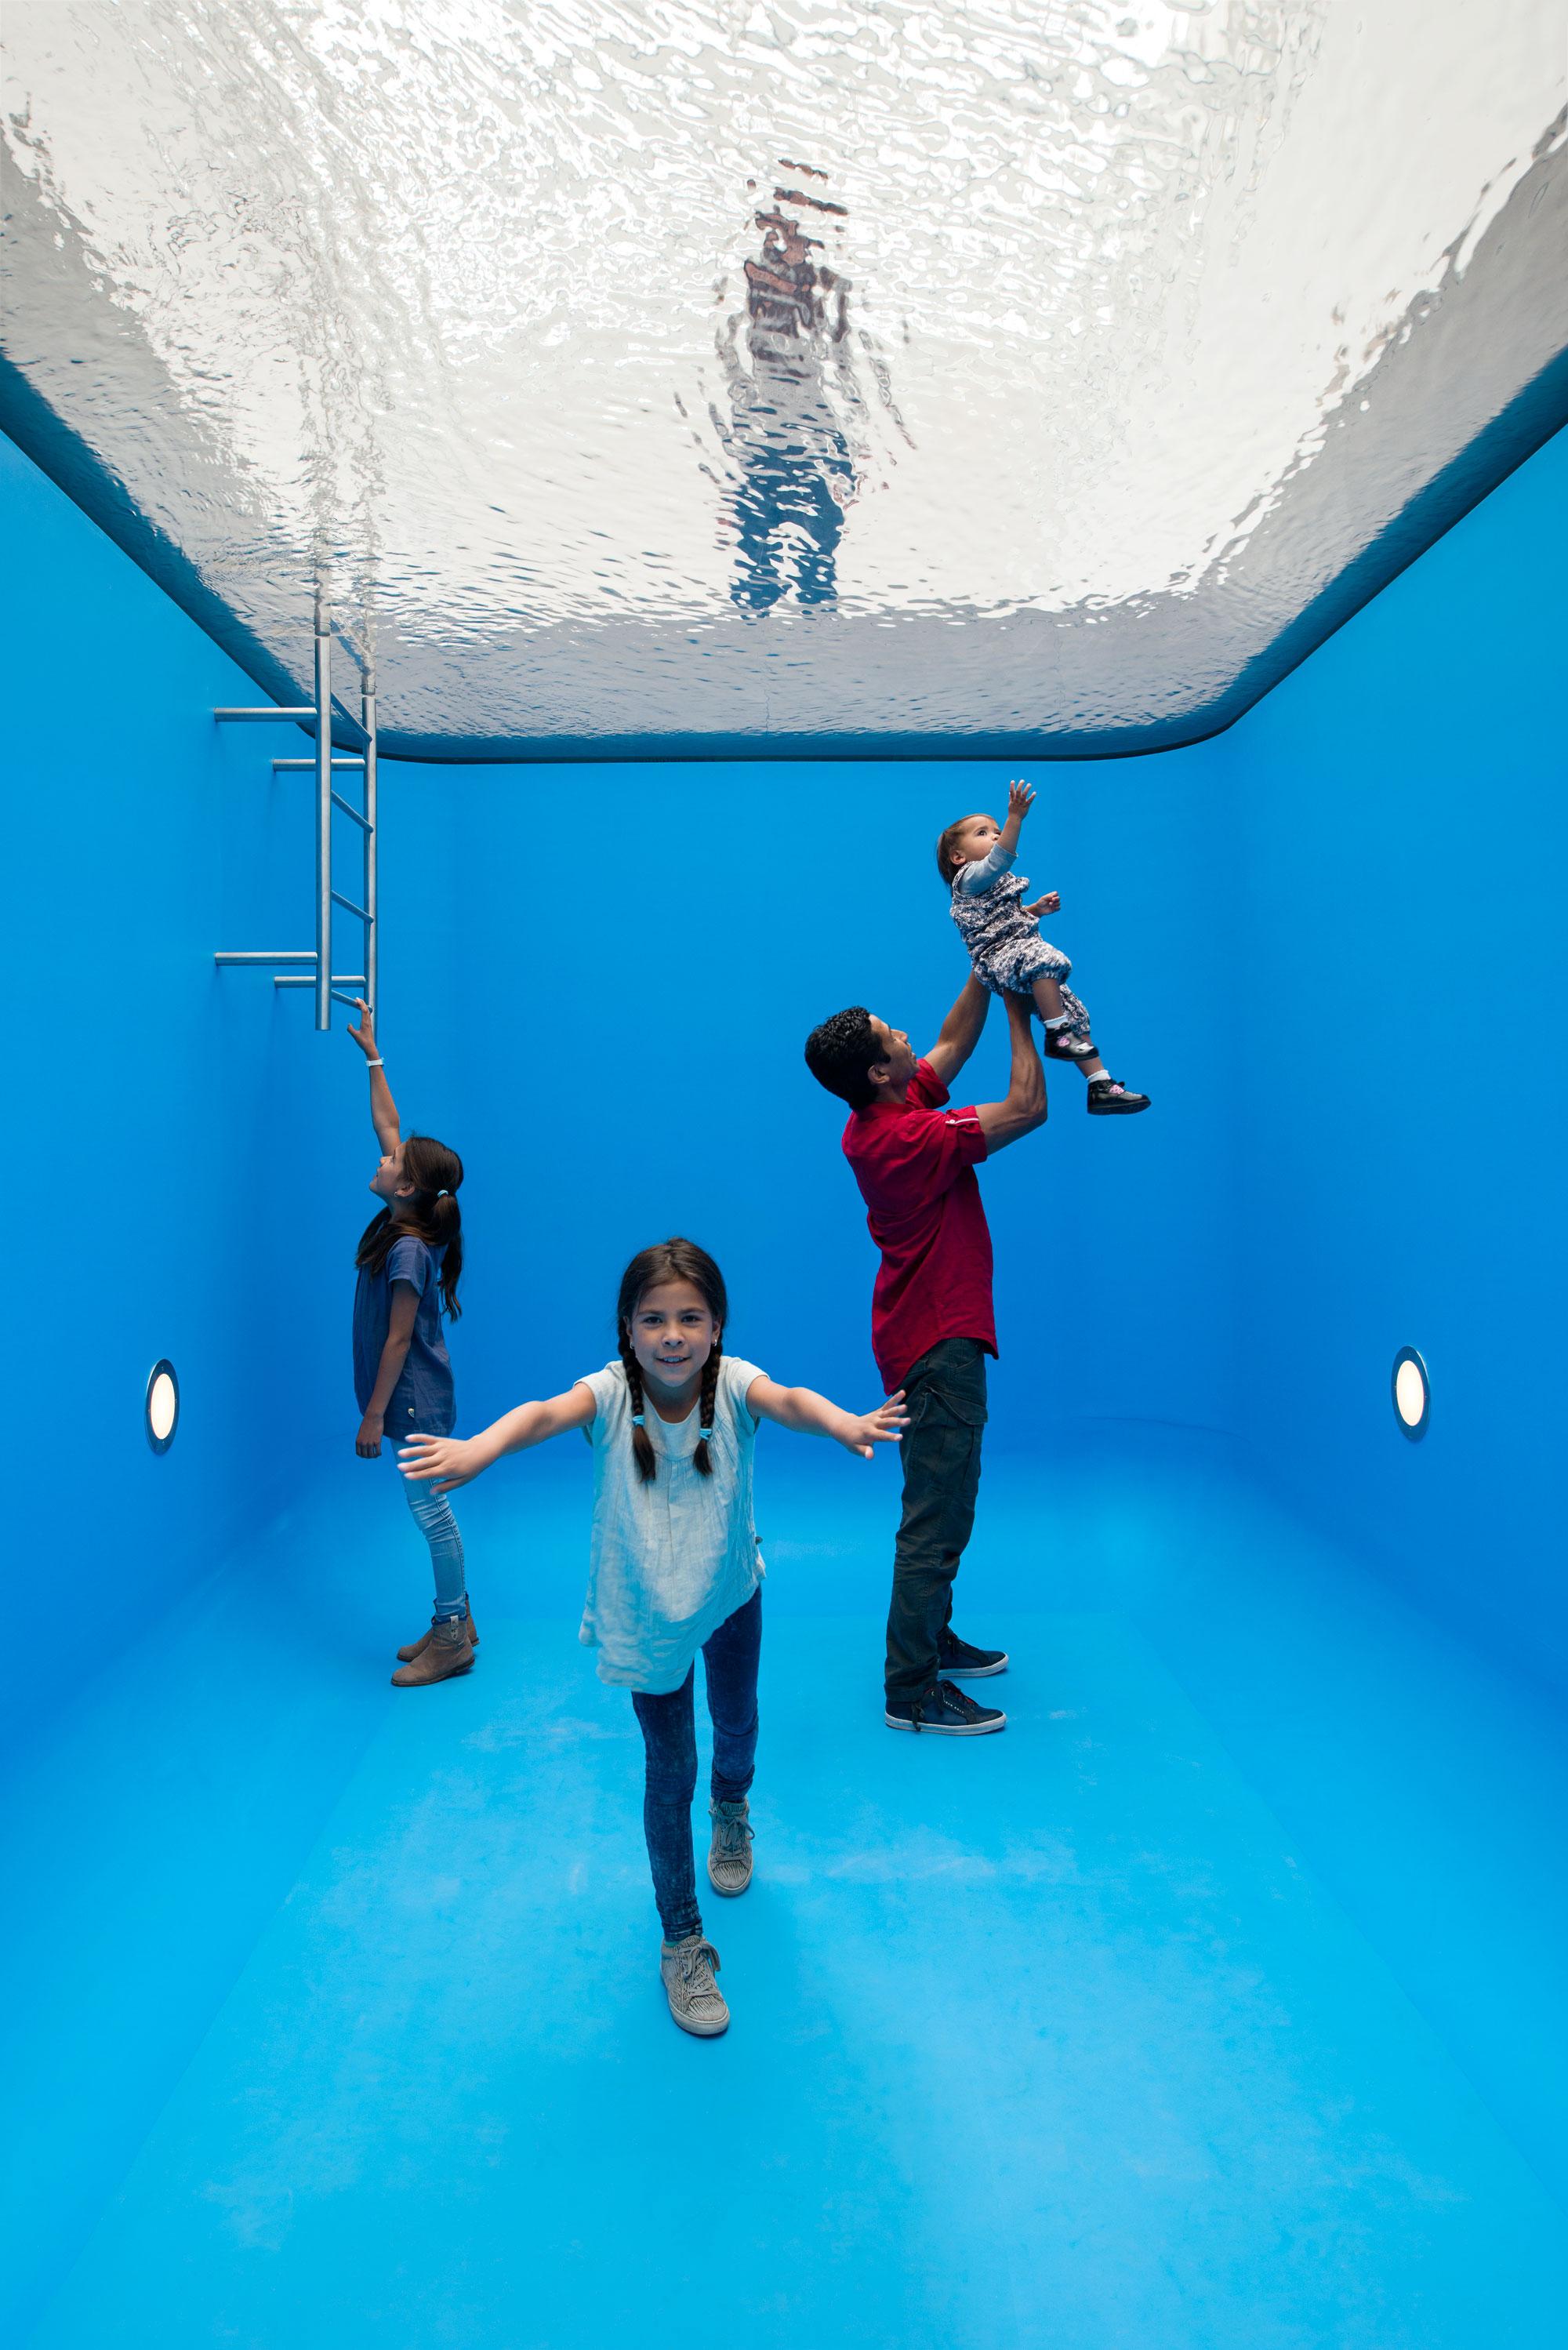 swimming-pool-leandro-erlich-museum-voorlinden